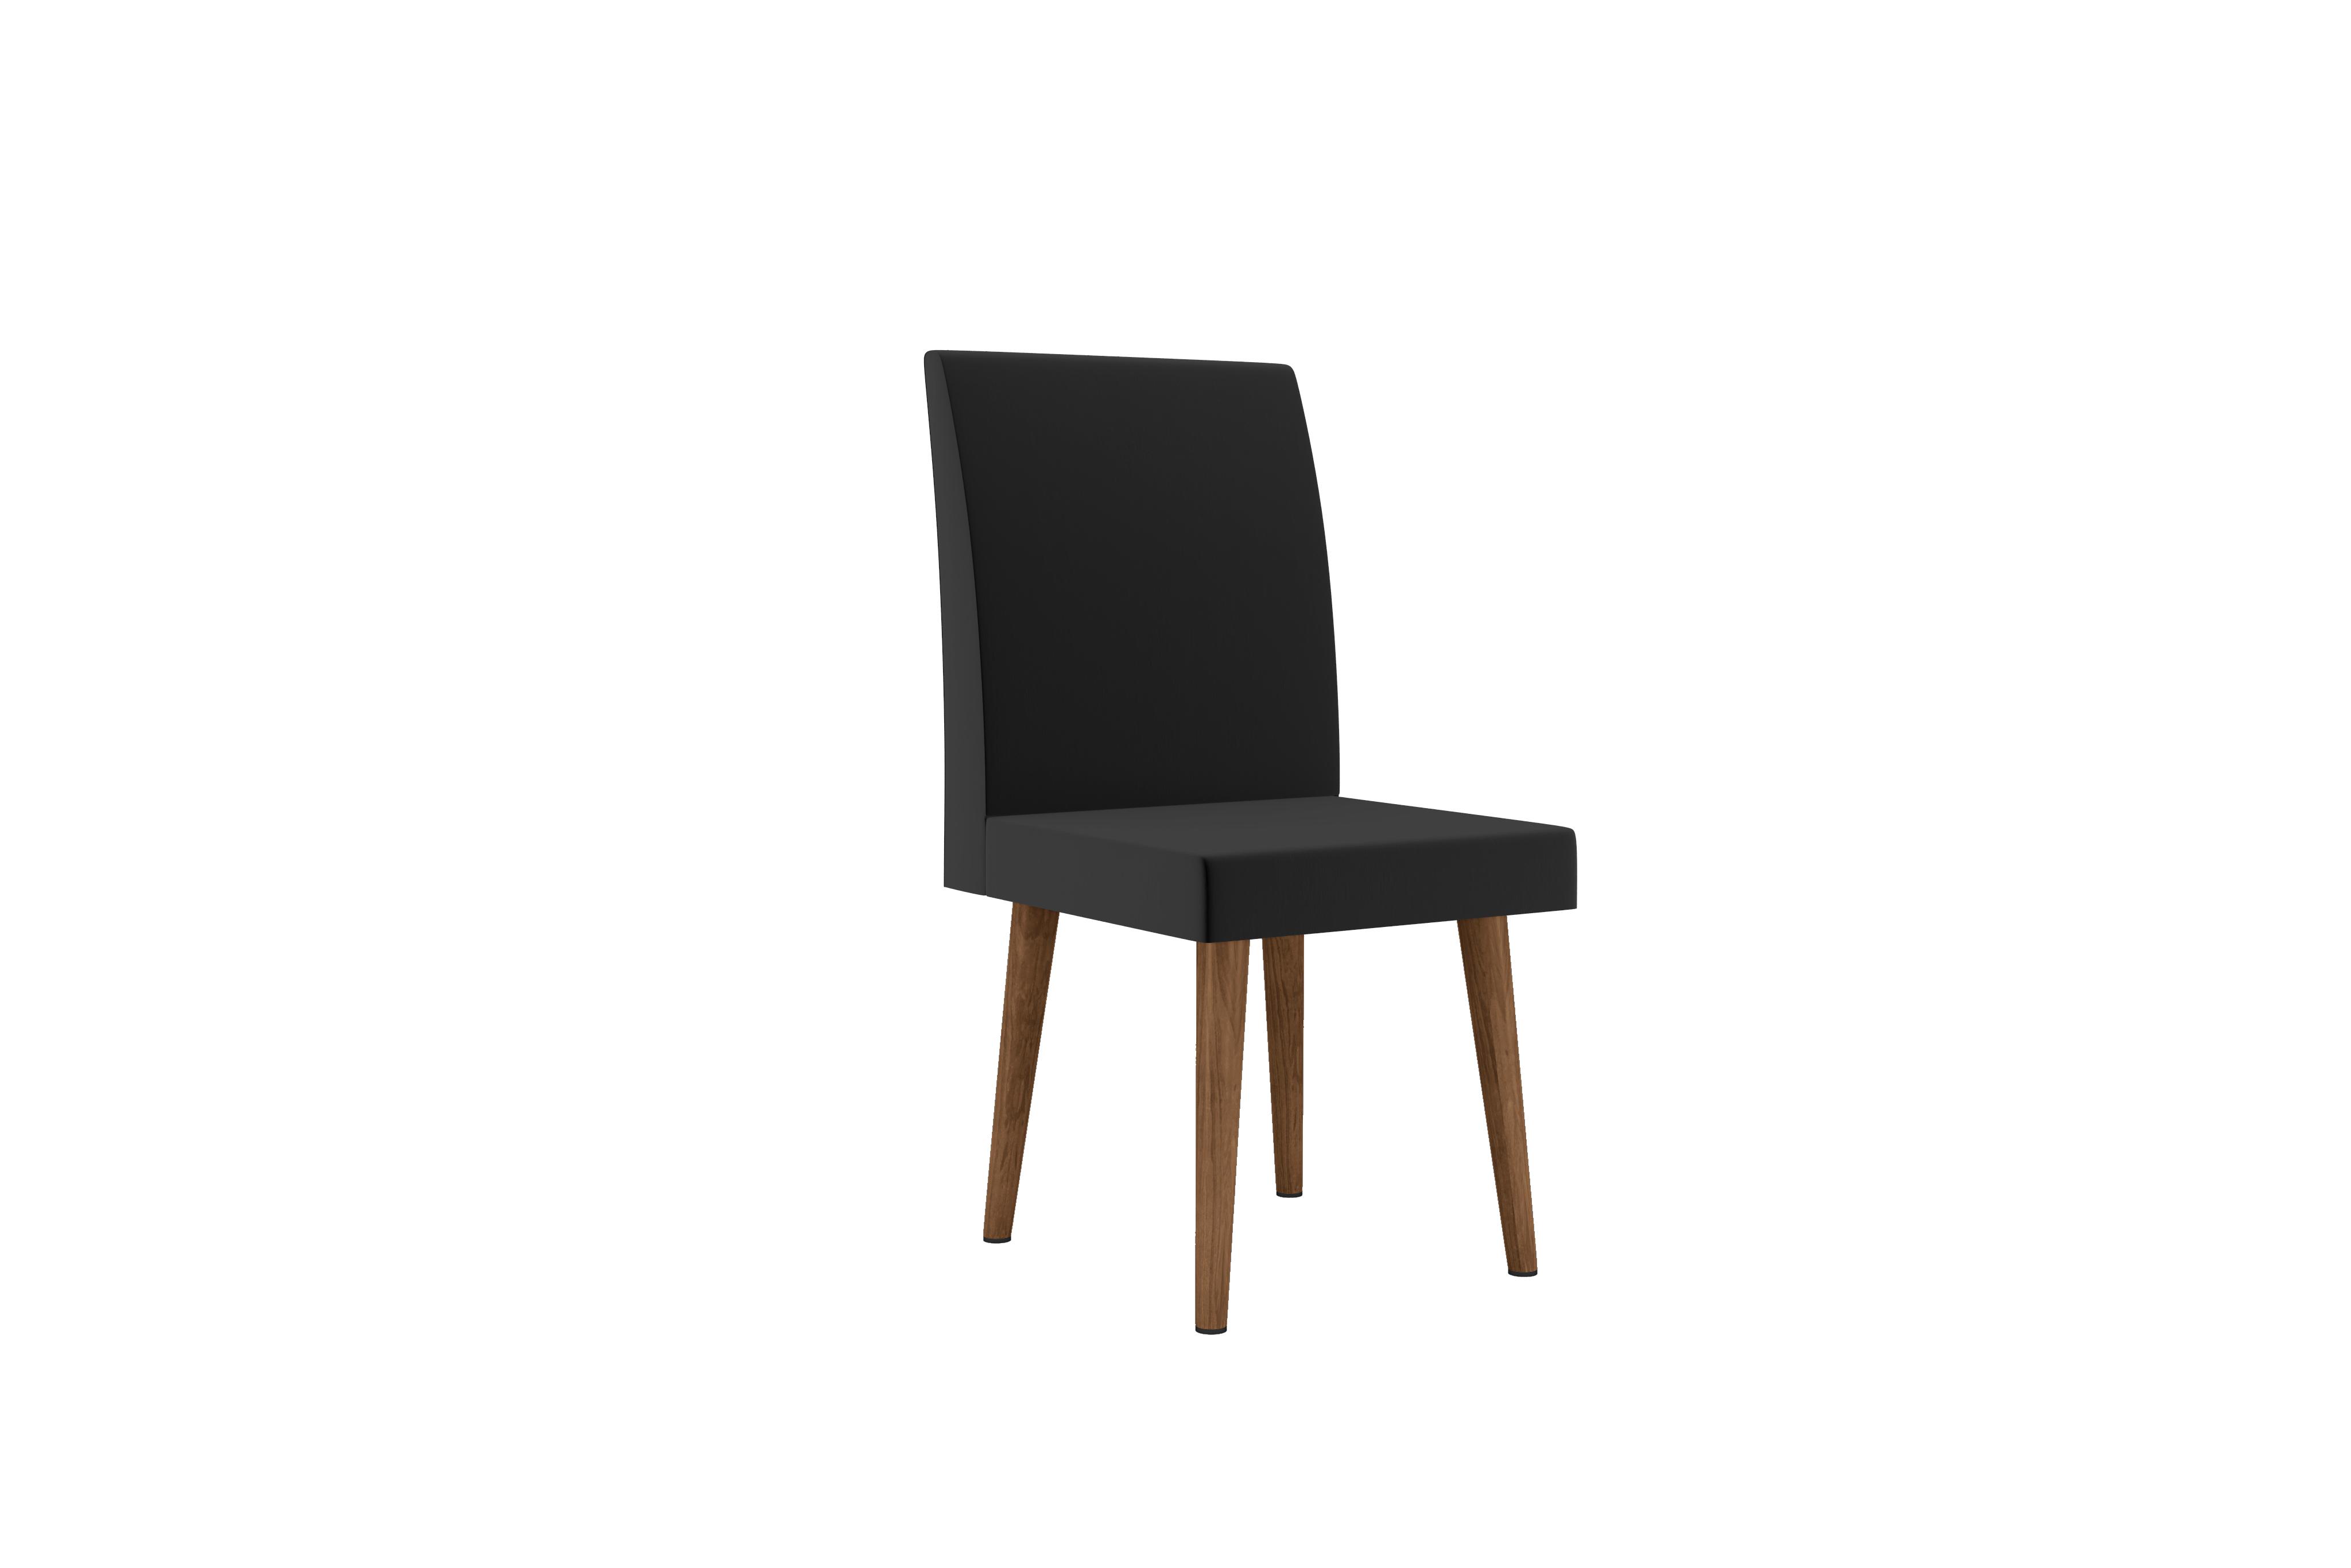 Cadeira Jade tecido Preto